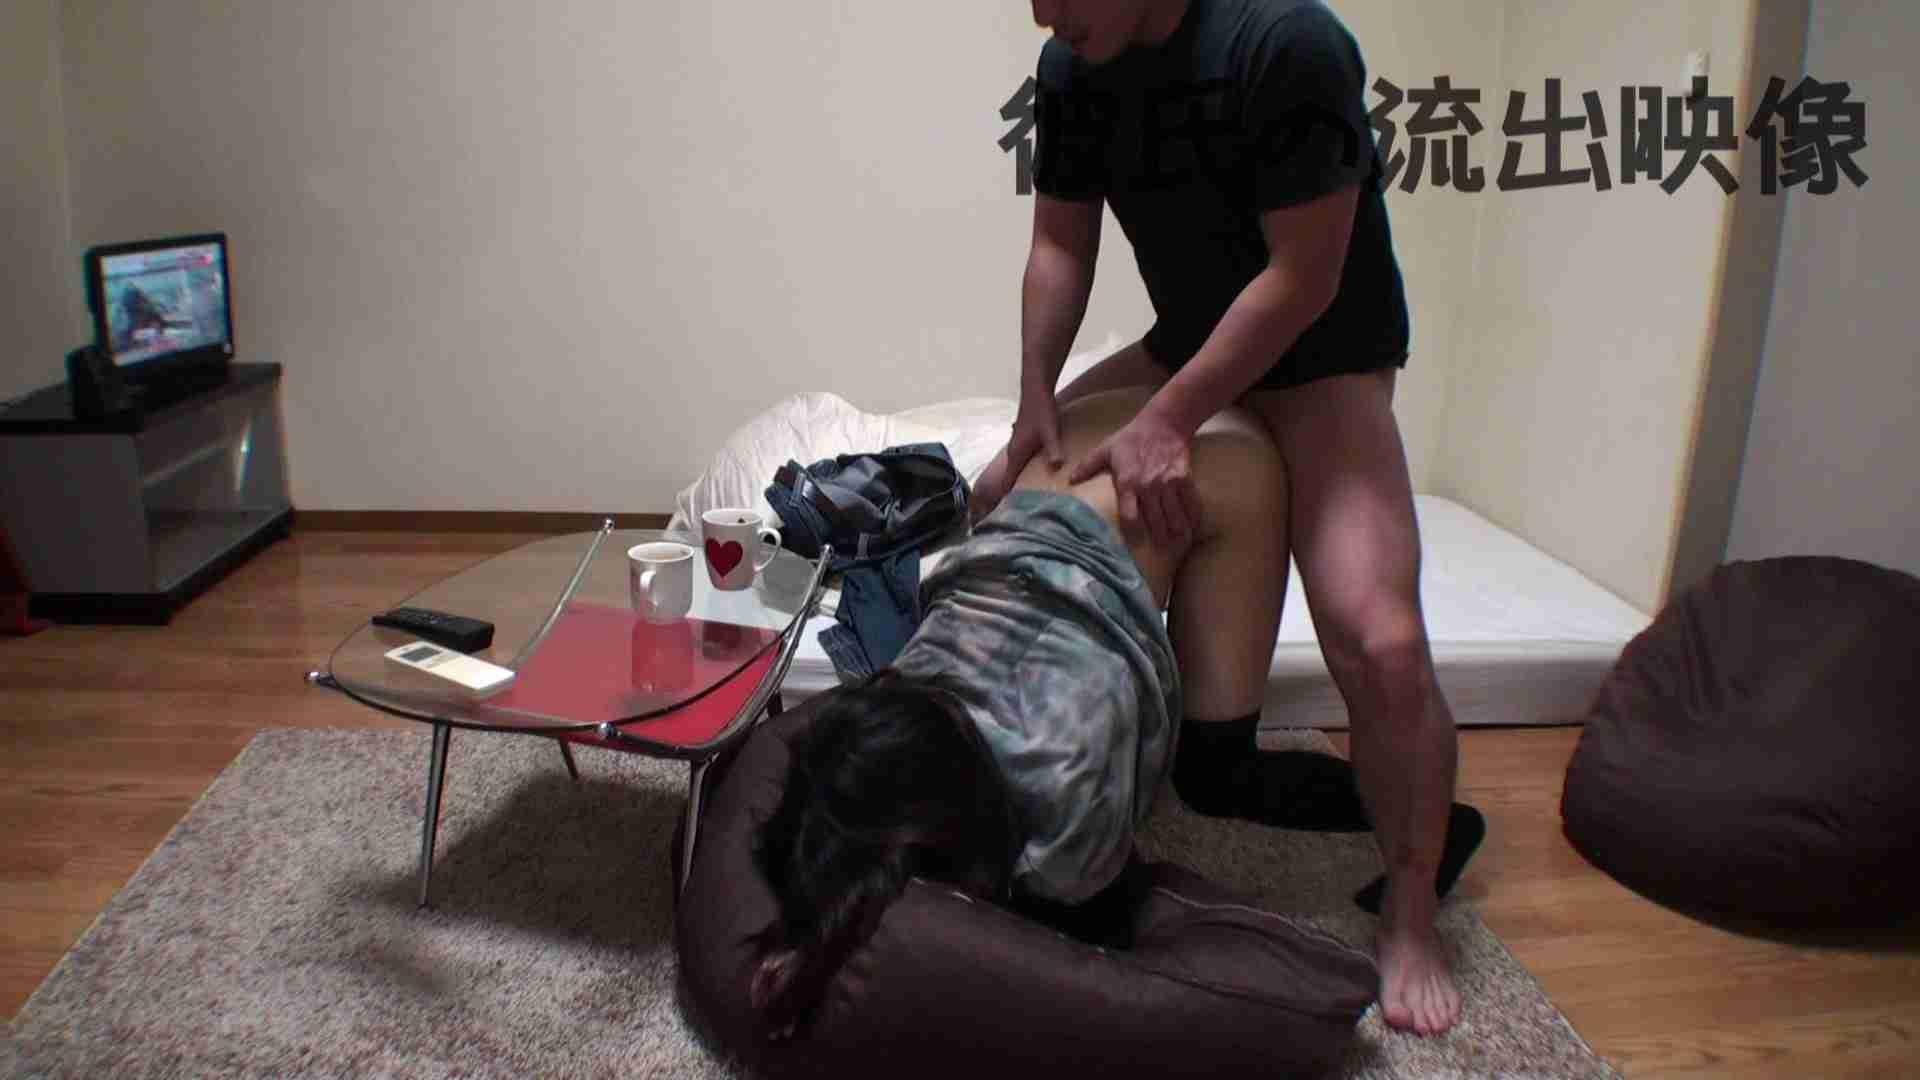 彼氏が流出 パイパン素人嬢のハメ撮り映像02 フェラ エロ画像 95枚 80